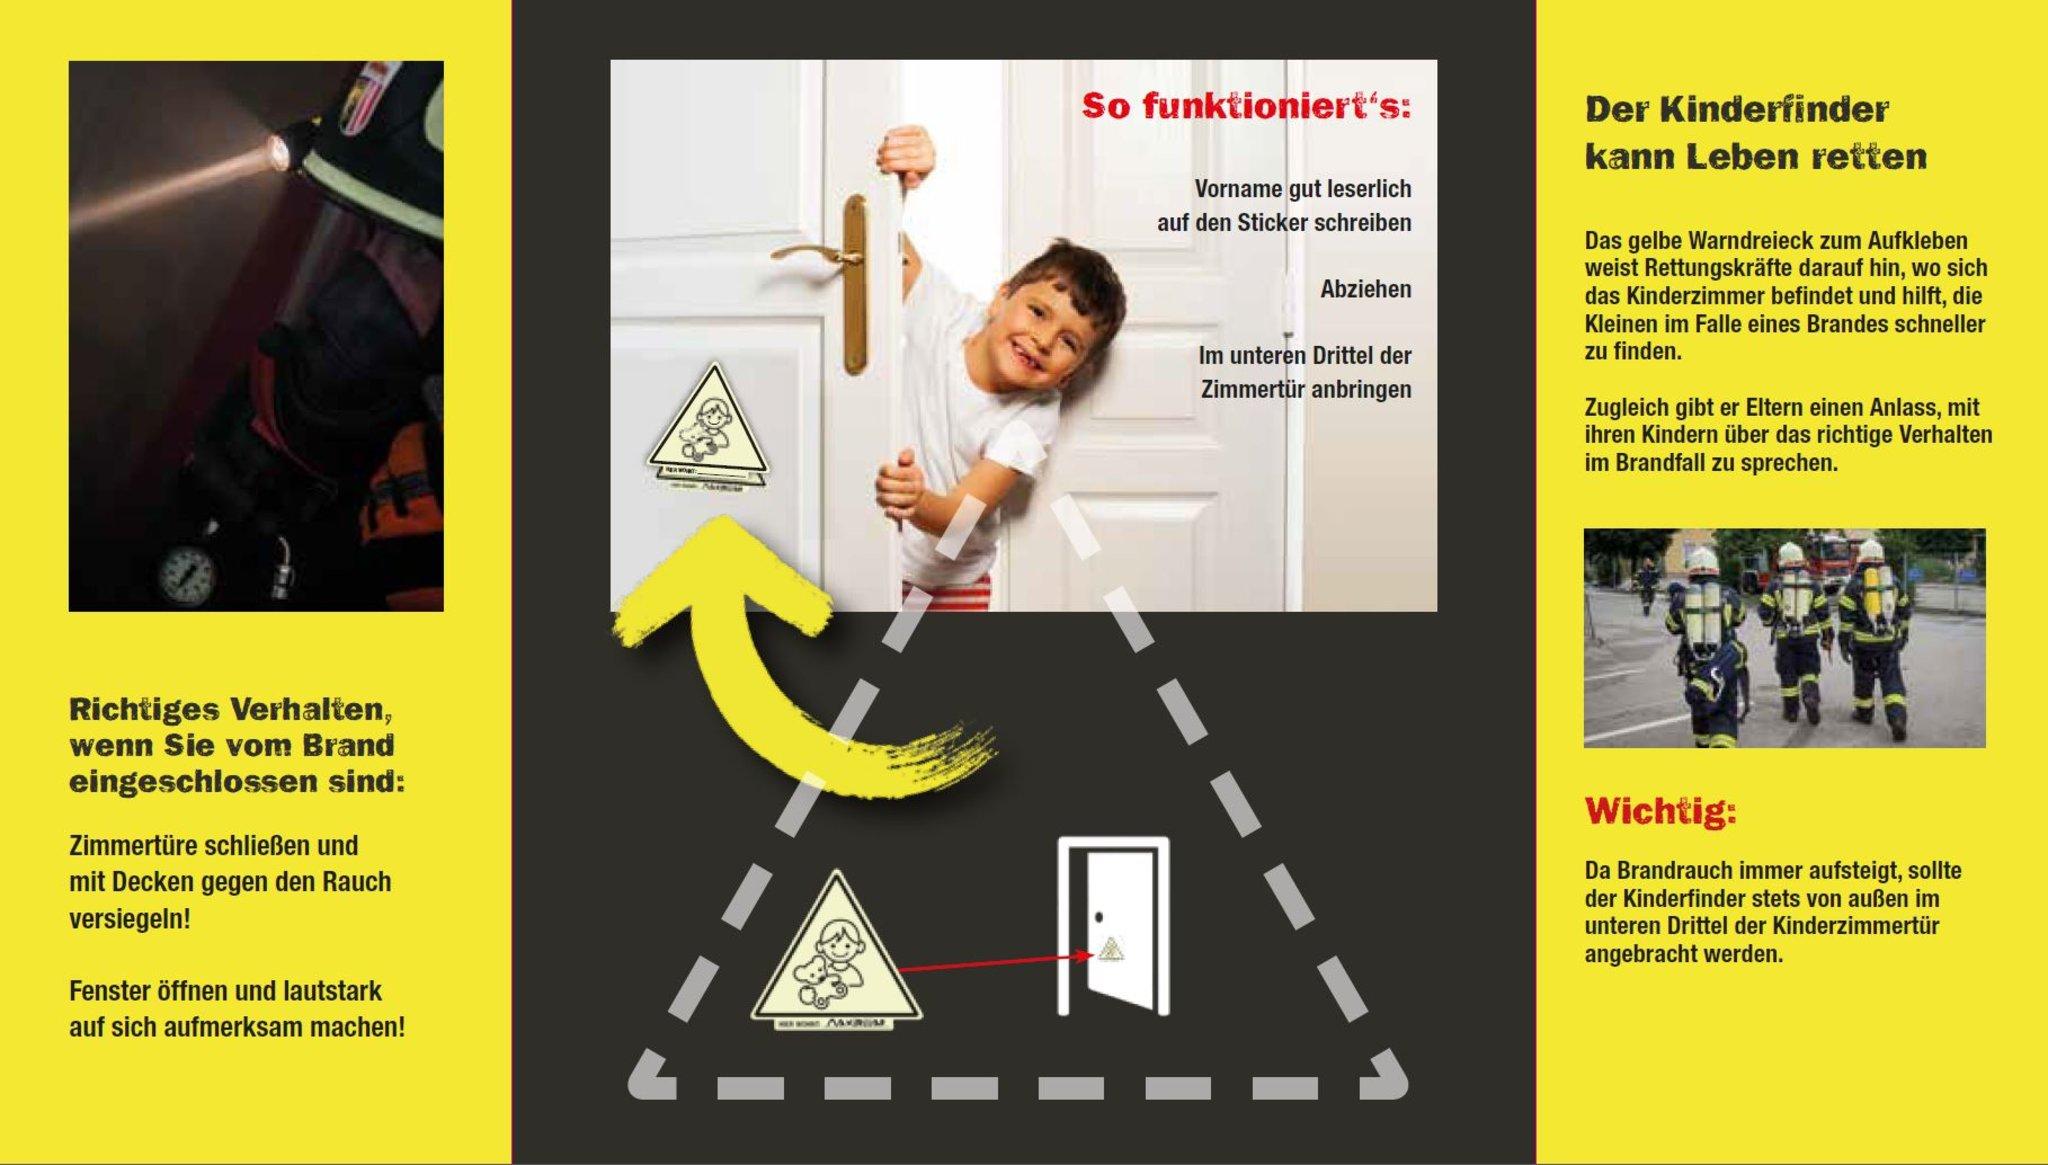 Feuerwehr Gmunden Kinderfinder Als Lebensretter